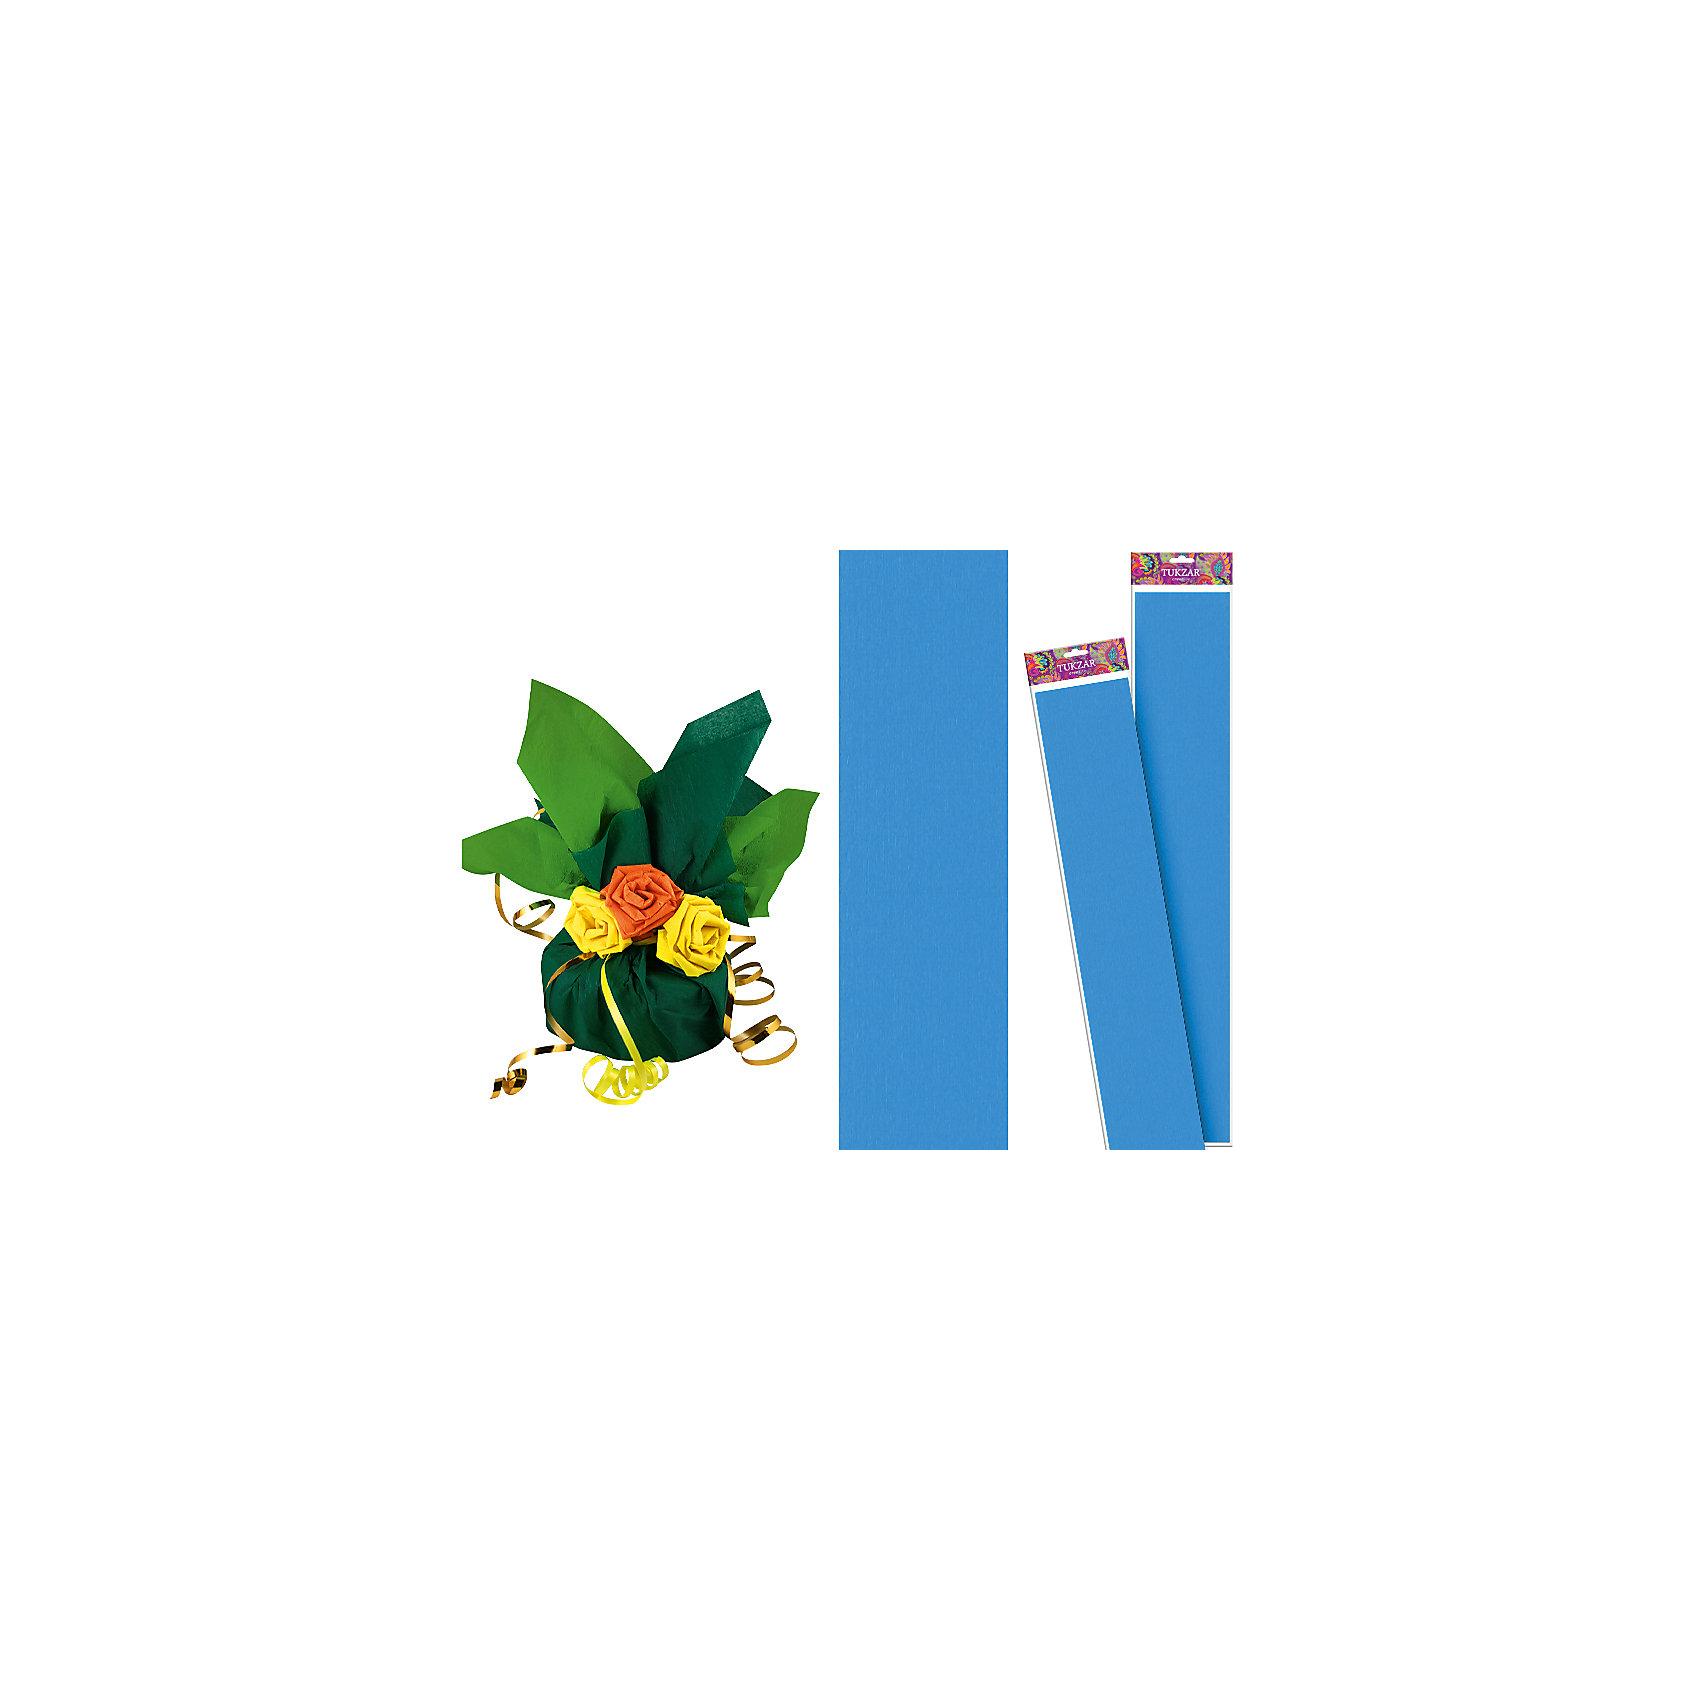 Голубая крепированная бумага 50*250 смГолубая крепированная бумага 50*250 см от известного торгового бренда канцелярских товаров и товаров для творчества TUKZAR. Крепированная бумага используется для изготовления различных поделок и аппликаций, наиболее часто данный вид бумаги применяют для изготовления цветов, которые отличаются высокой степенью достоверности, что обеспечивается за счет свойств данной бумаги: она имеет мелкое гофрирование, бархатистая на ощупь и влагостойкая. <br>Голубая крепированная бумага 50*250 см от TUKZAR – идеально подходит для поделок и оформительских работ.  <br><br>Дополнительная информация:<br><br>- Предназначение: для творческих занятий и оформительских работ <br>- Материал: бумага<br>- Размеры (Ш*Д): 50*250 см<br>- Цвет: голубой<br>- Упаковка: блистер<br><br>Подробнее:<br><br>• Для детей в возрасте: от 3 лет <br>• Страна производитель: Китай<br>• Торговый бренд: TUKZAR<br><br>Голубую крепированную бумагу 50*250 см можно купить в нашем интернет-магазине.<br><br>Ширина мм: 500<br>Глубина мм: 50<br>Высота мм: 50<br>Вес г: 100<br>Возраст от месяцев: 36<br>Возраст до месяцев: 192<br>Пол: Унисекс<br>Возраст: Детский<br>SKU: 5001382